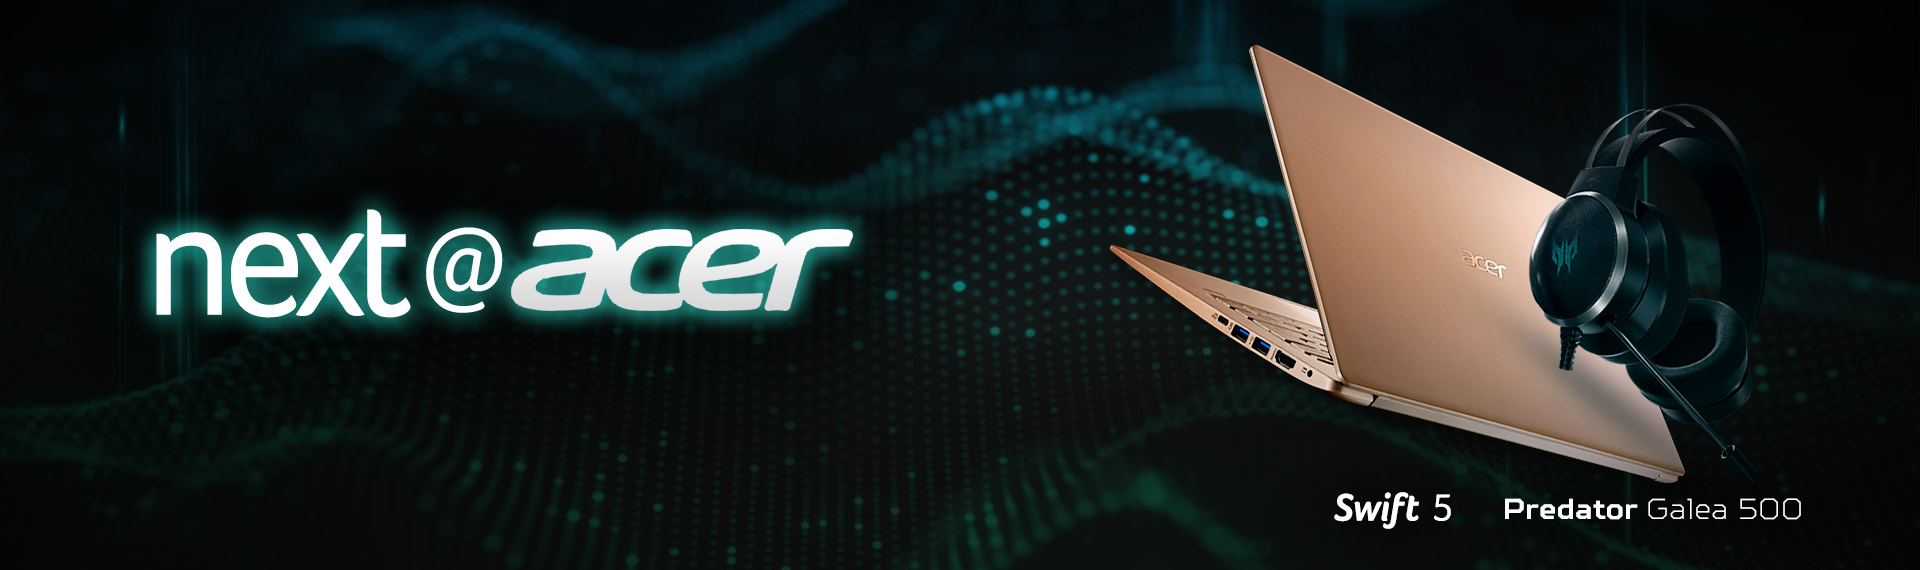 Yuk, Ikut Kuis Next@acer Berhadiah Acer Swift 5!